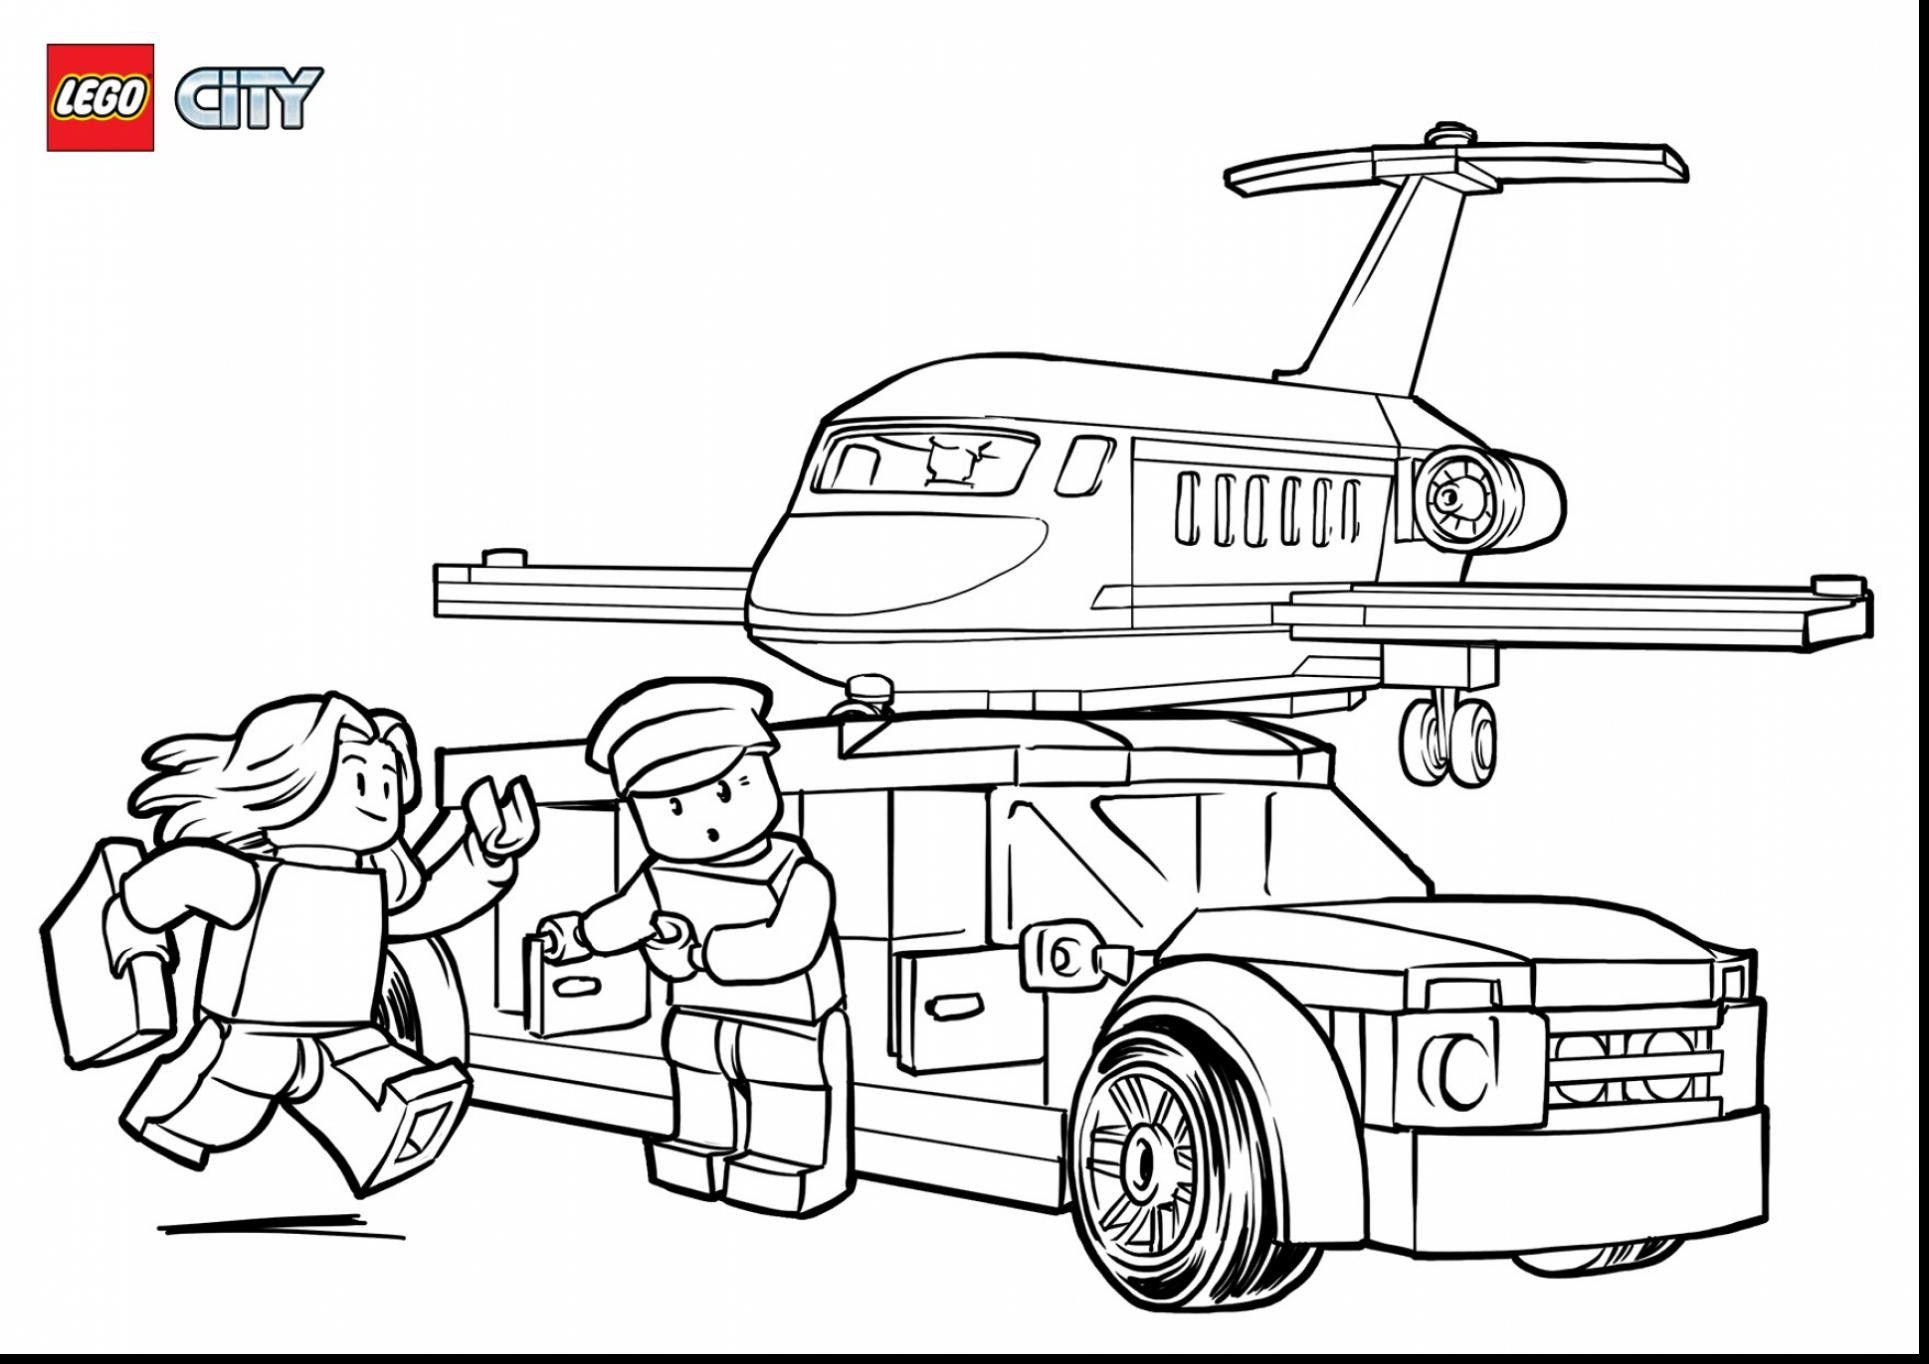 Lego City Undercover Ausmalbilder Malvorlagen Malvorlagen Zum Ausdrucken Malvorlage Eule